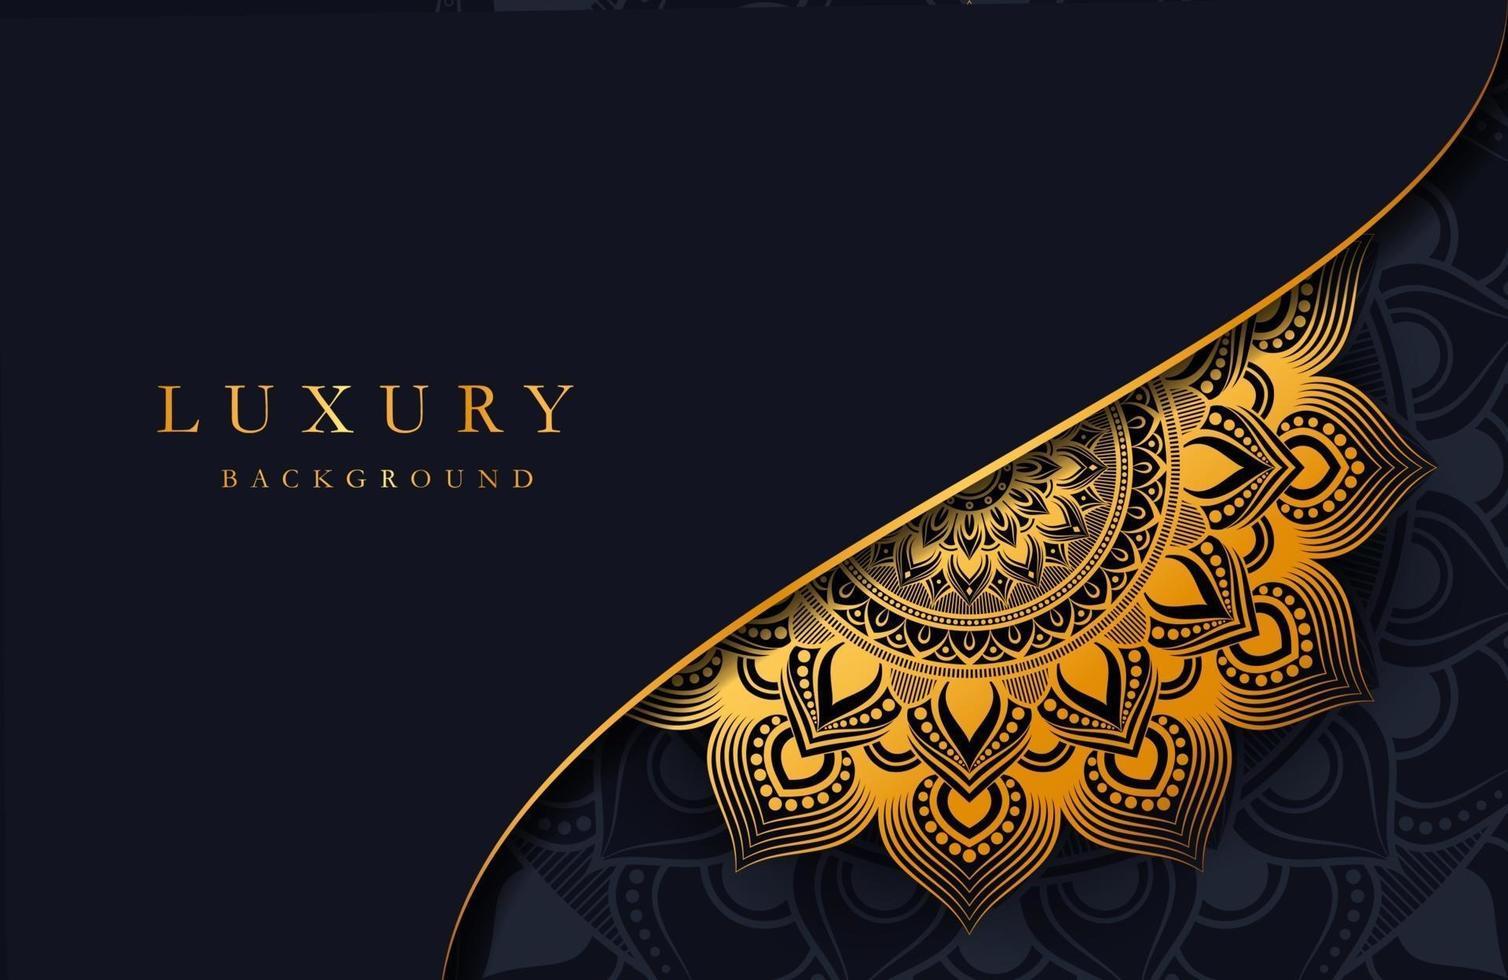 fundo luxuoso com ornamento de mandala islâmica dourada em superfície escura vetor